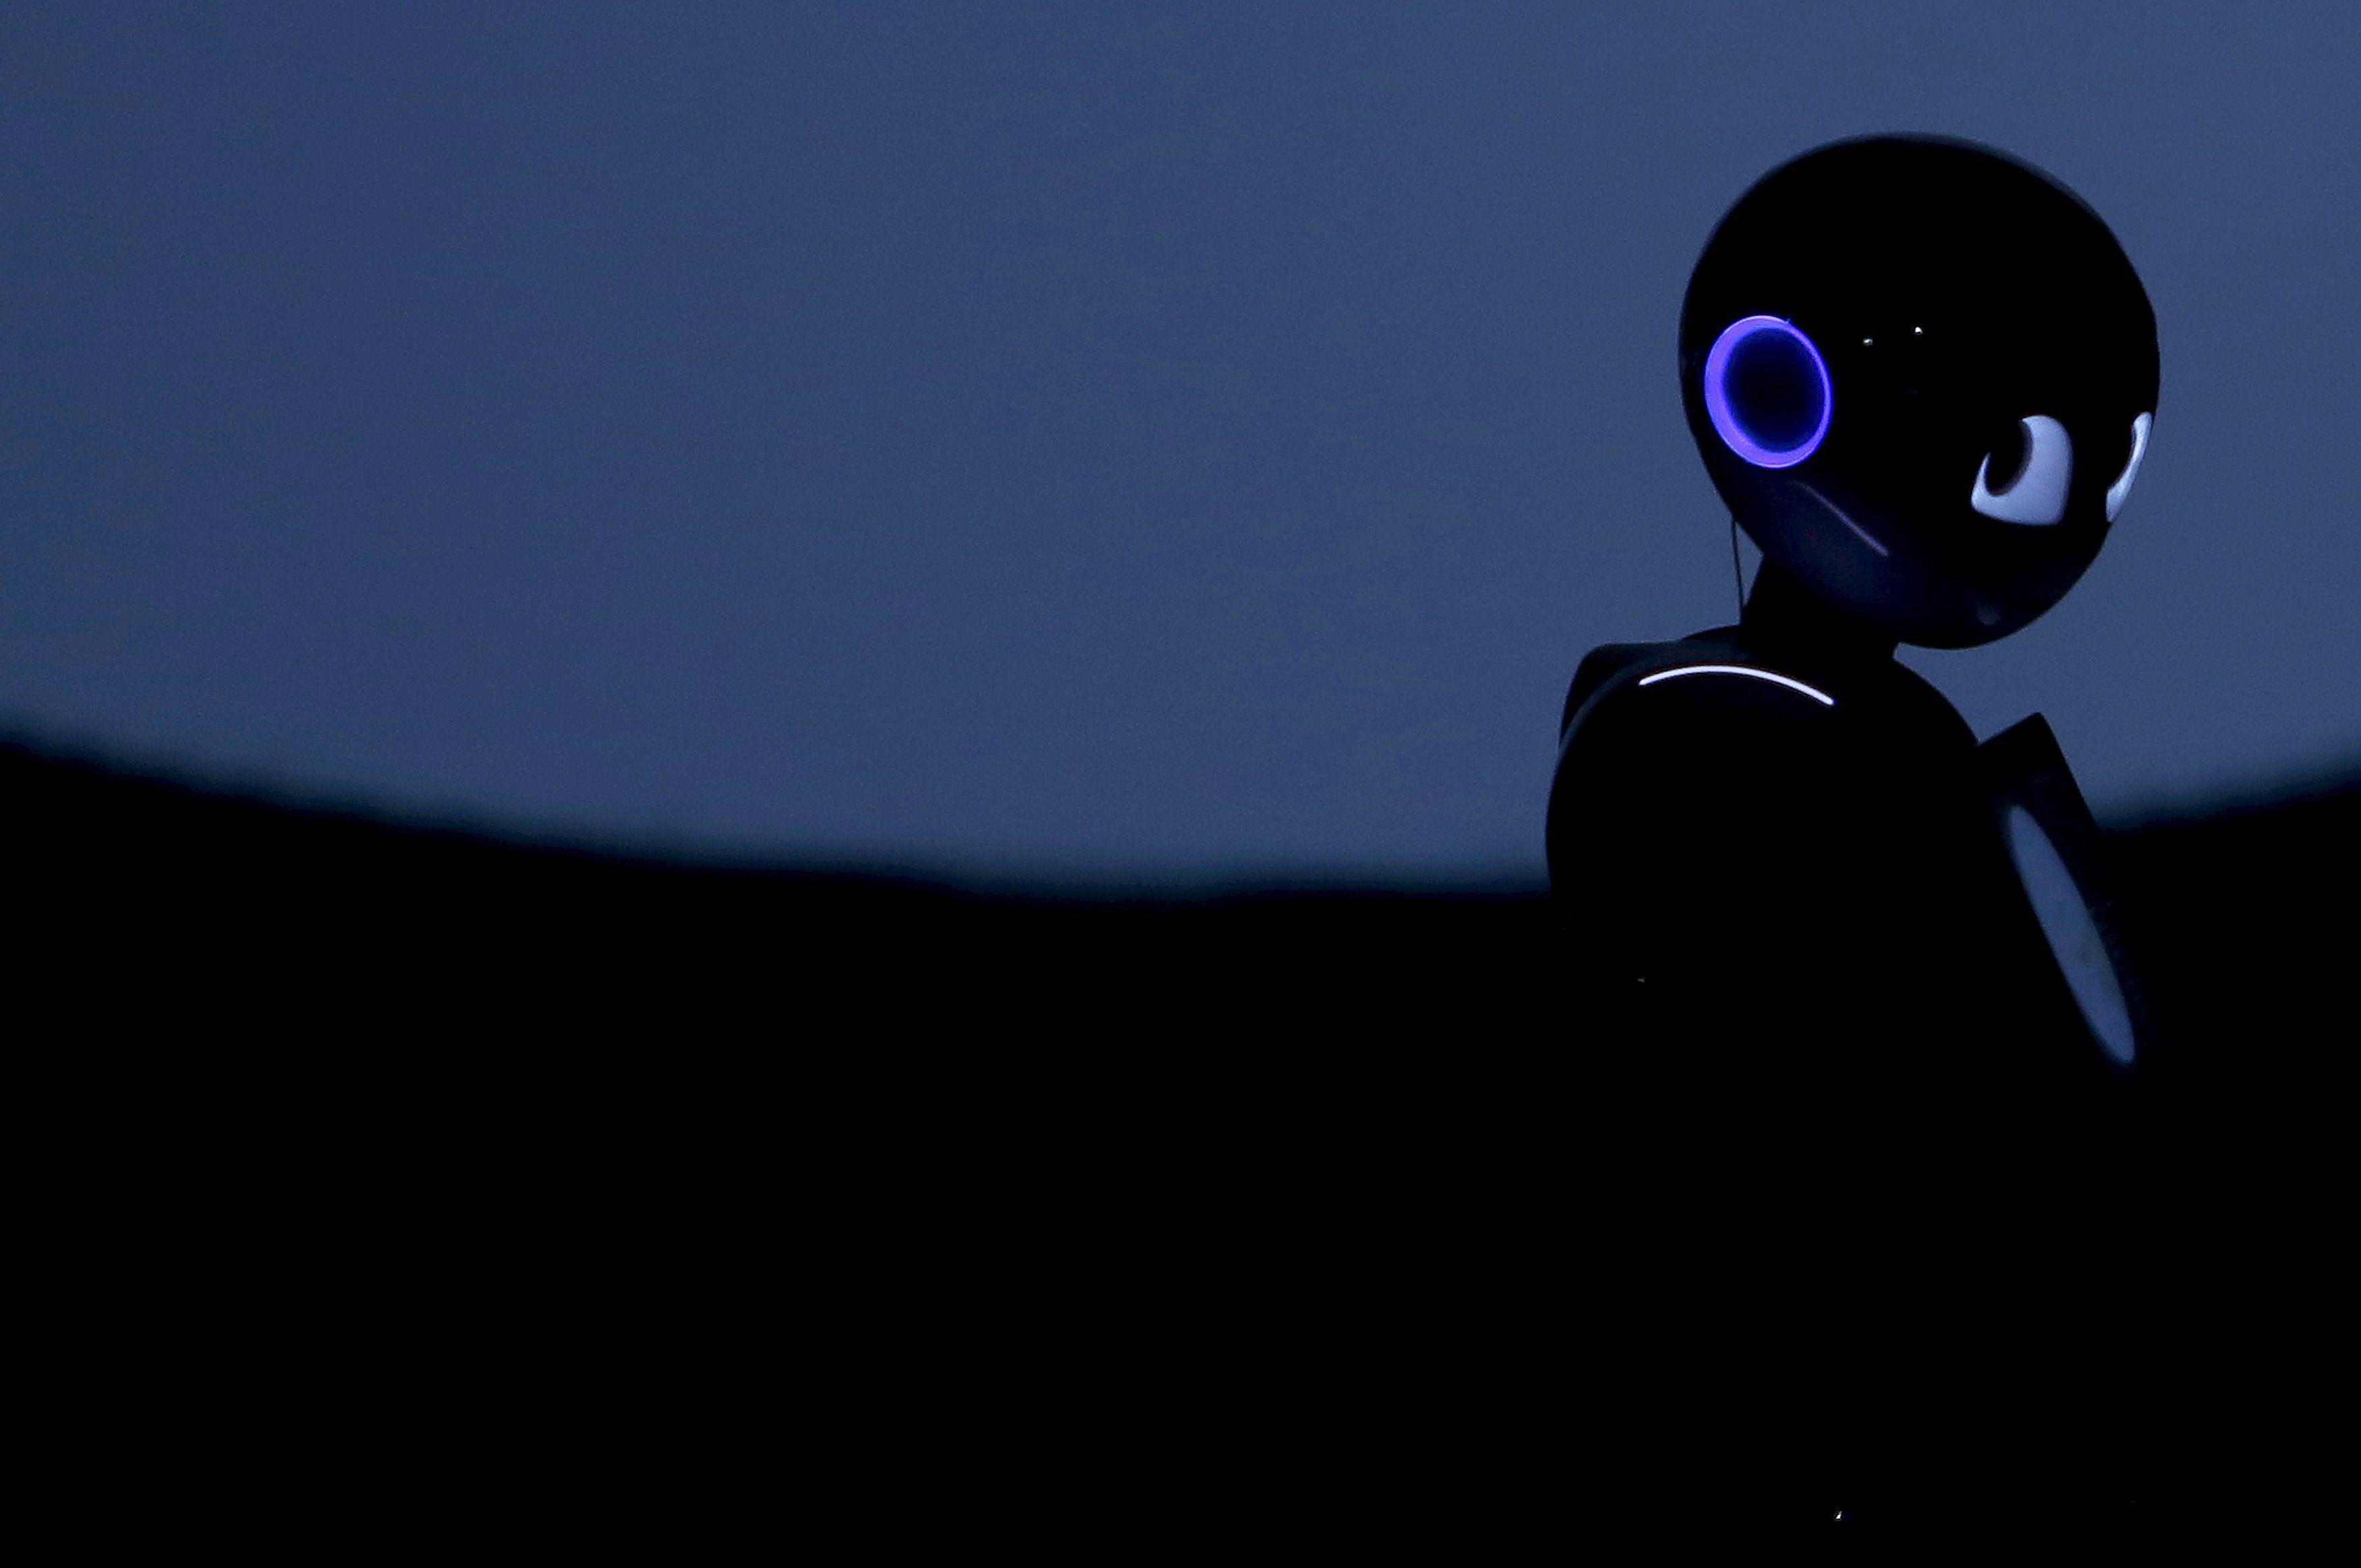 Quand notre intelligence ne sera plus qu'artificielle. La fin de l'homme?